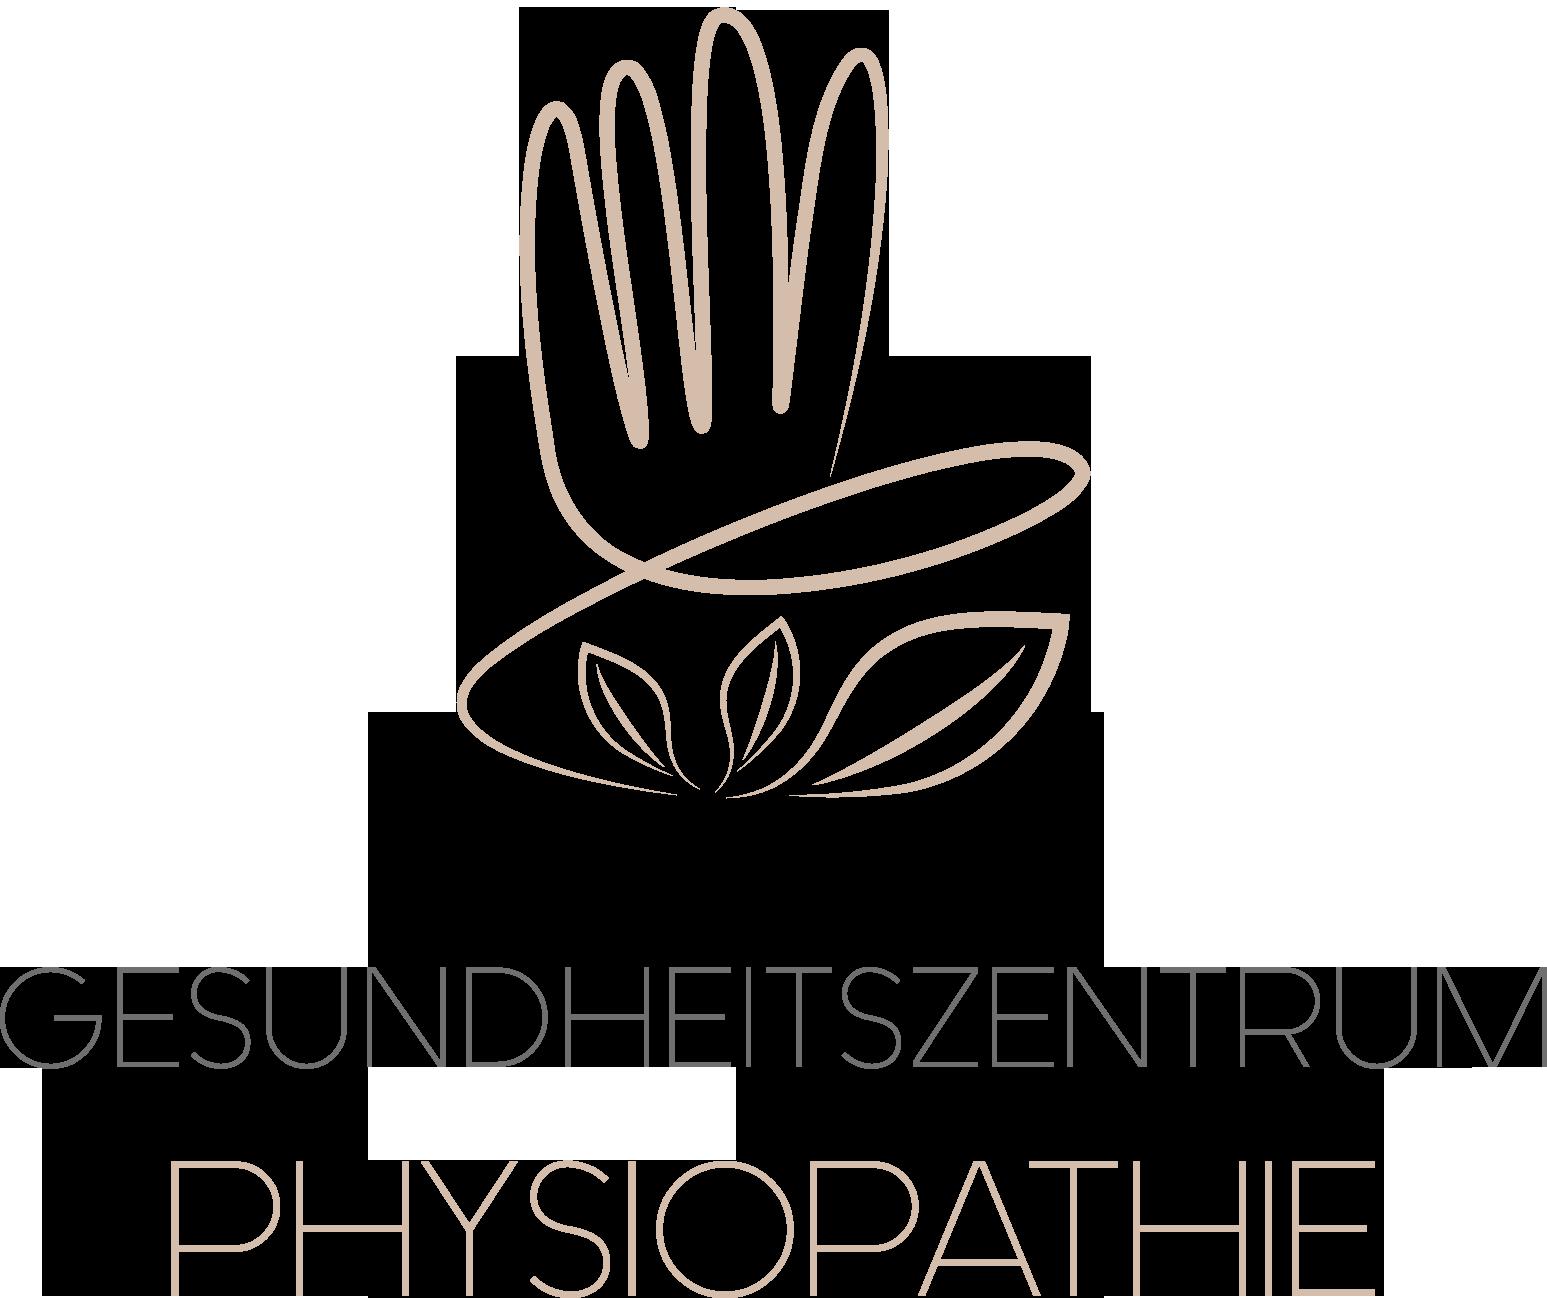 GZ-Physiopathie Logo